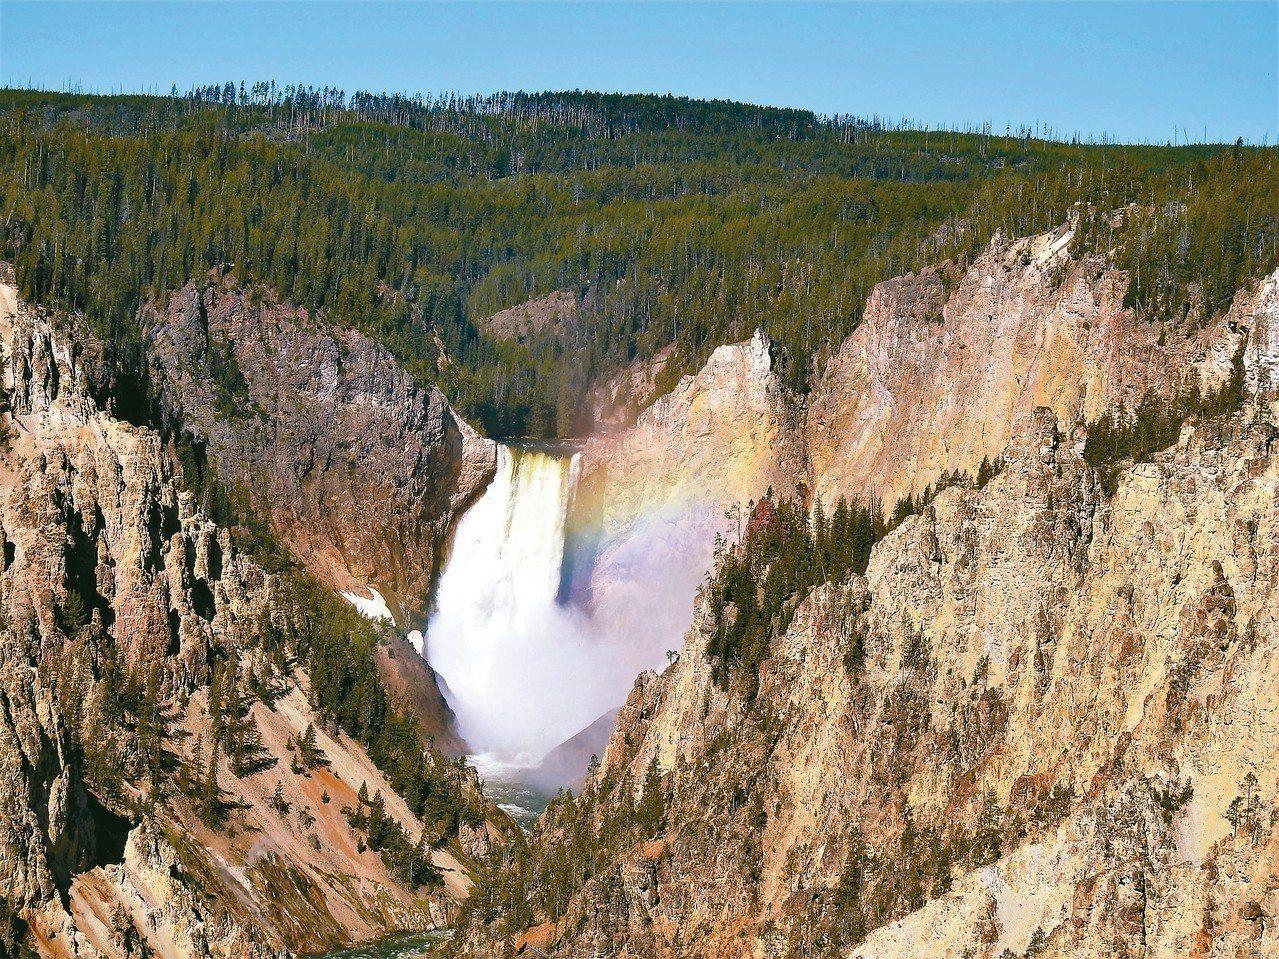 黃石國家公園內的黃石大瀑布相當壯觀。 圖/有行旅提供